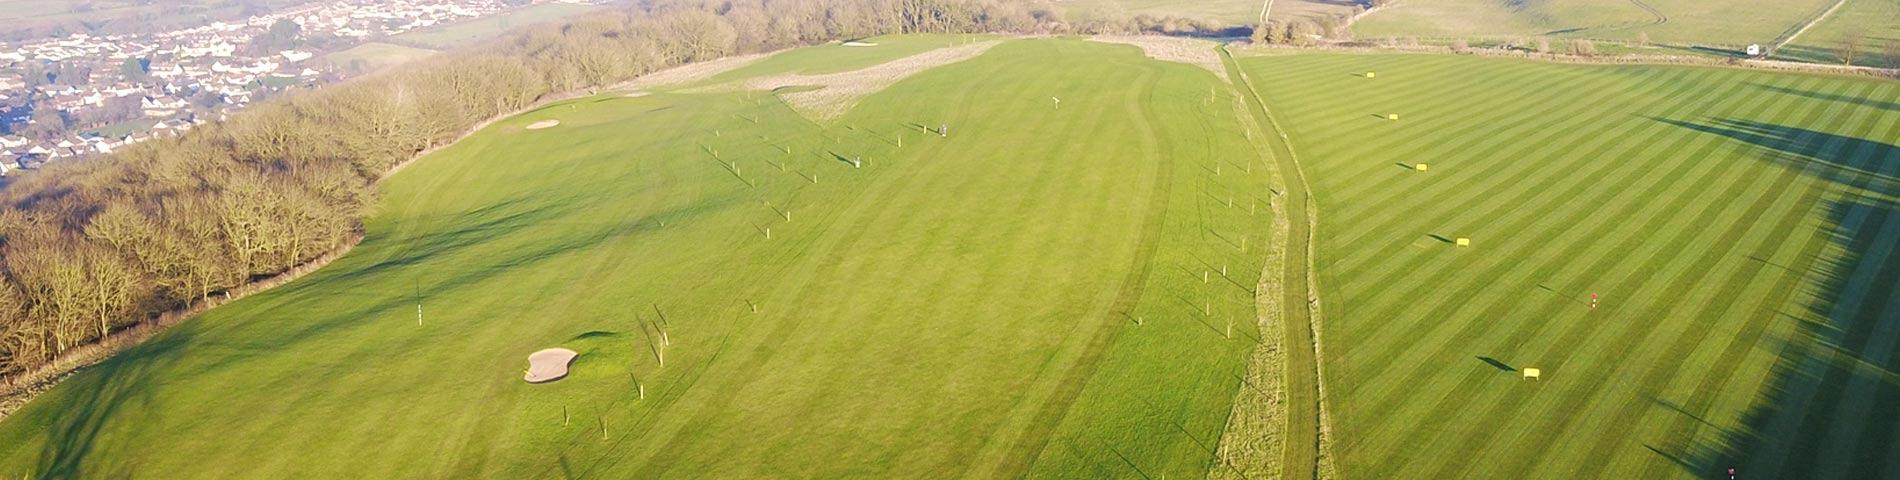 Bleadon Hill Golf Course